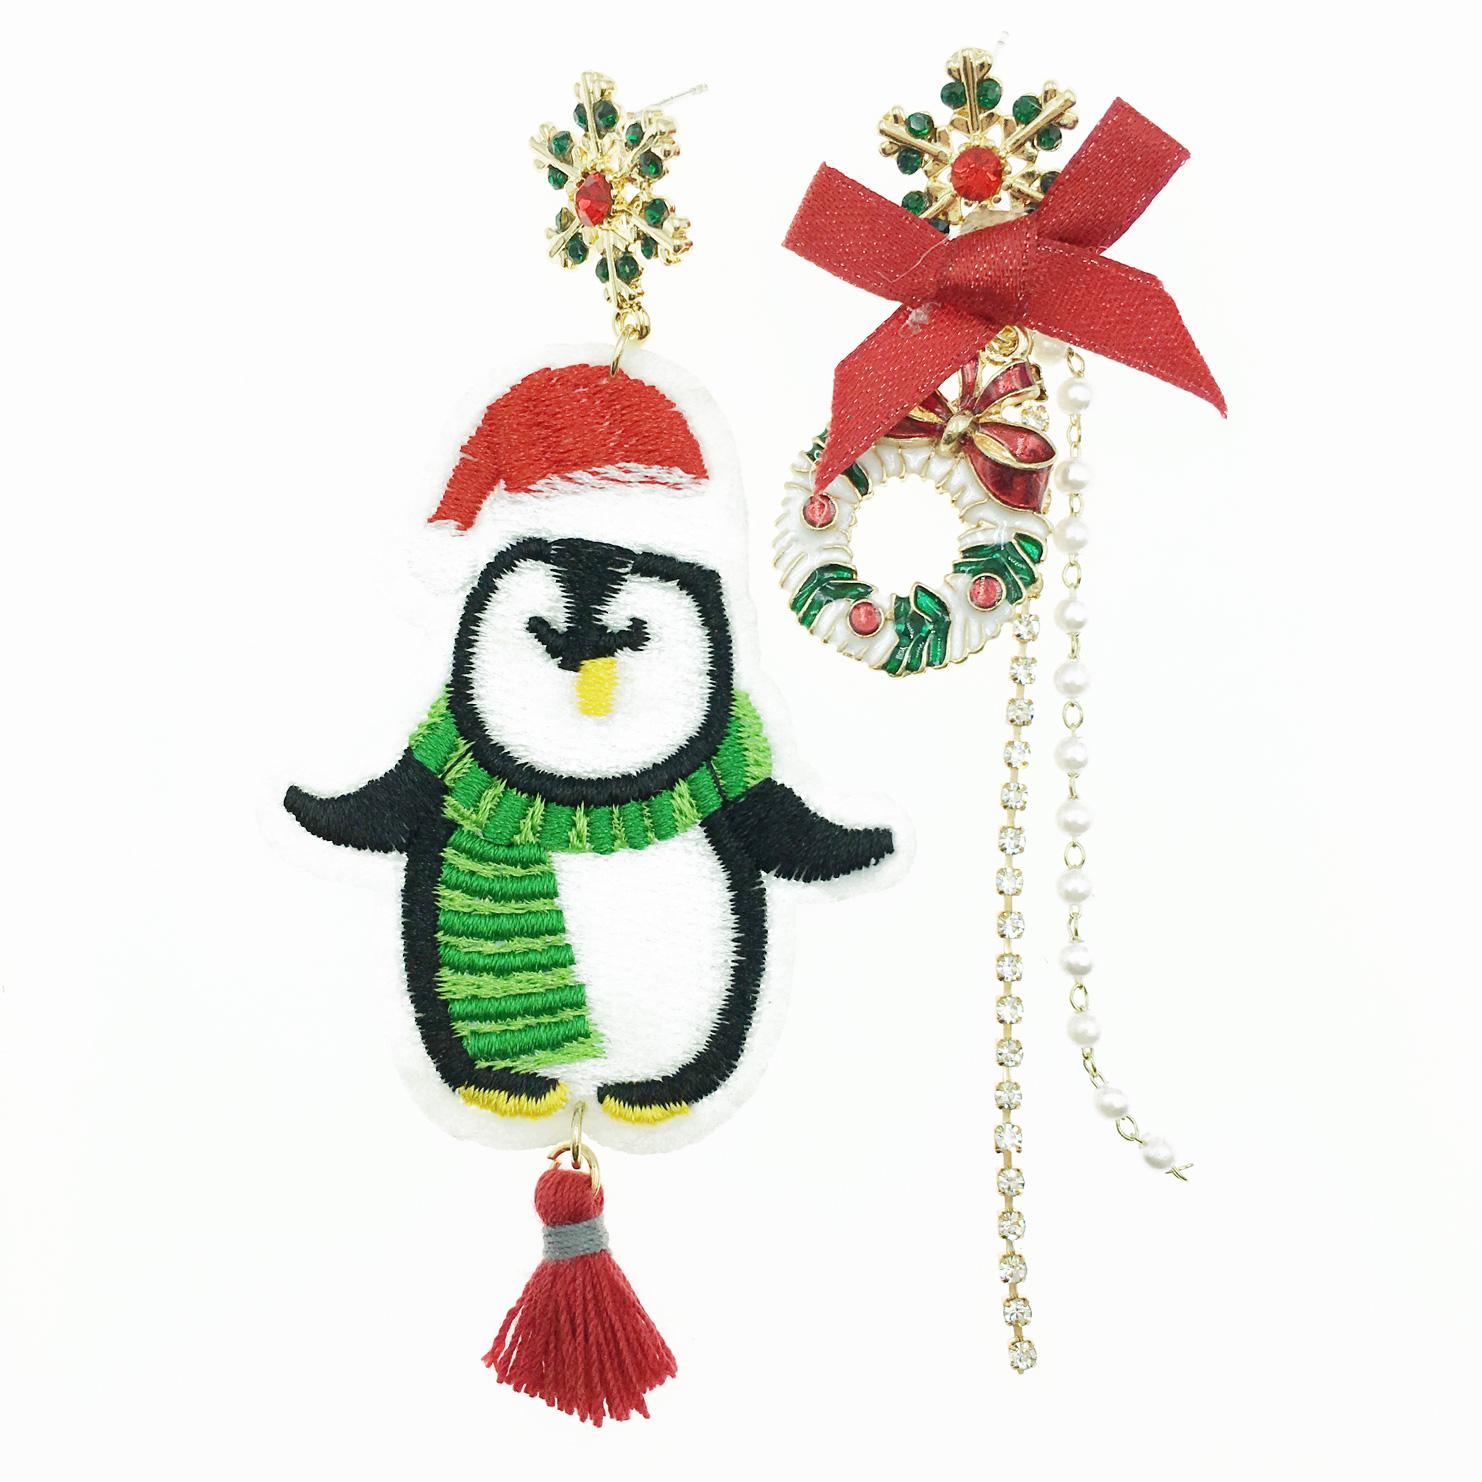 韓國 不對稱 企鵝 蝴蝶結 雪花 花圈 水鑽 珍珠 流蘇 垂墜感 耳針式耳環